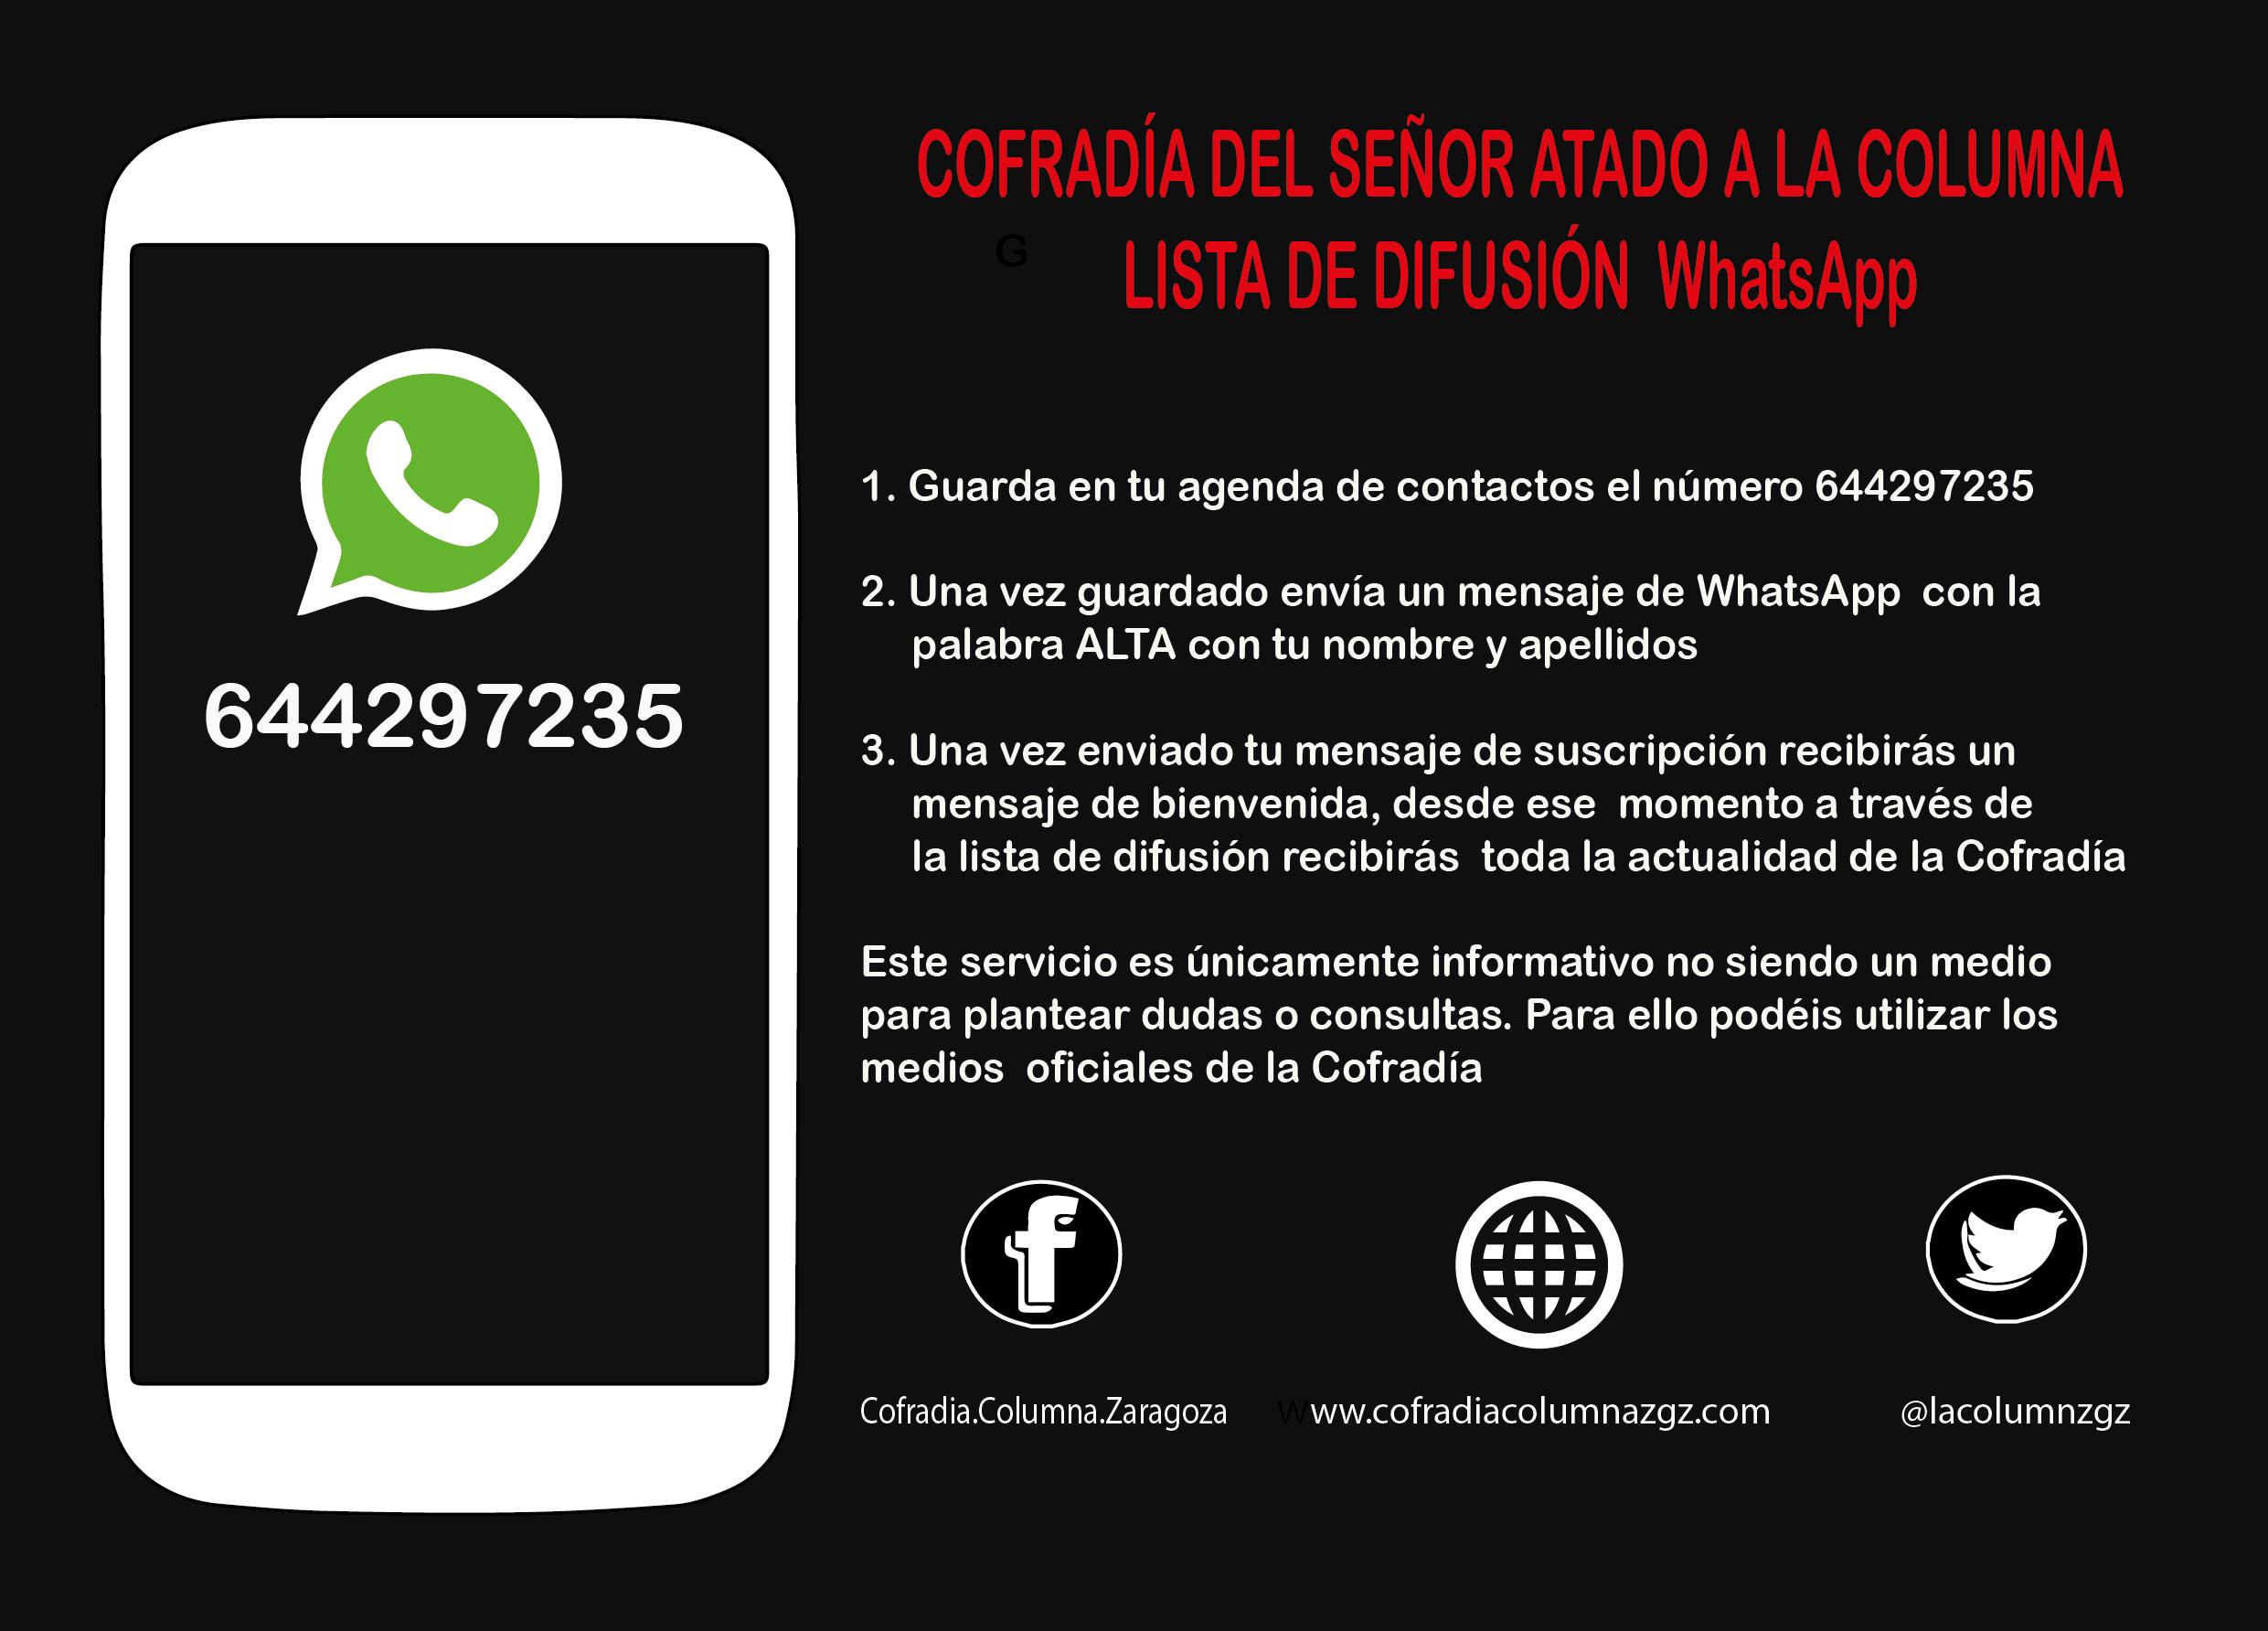 La Columna Te Informa A Través De WhatsApp